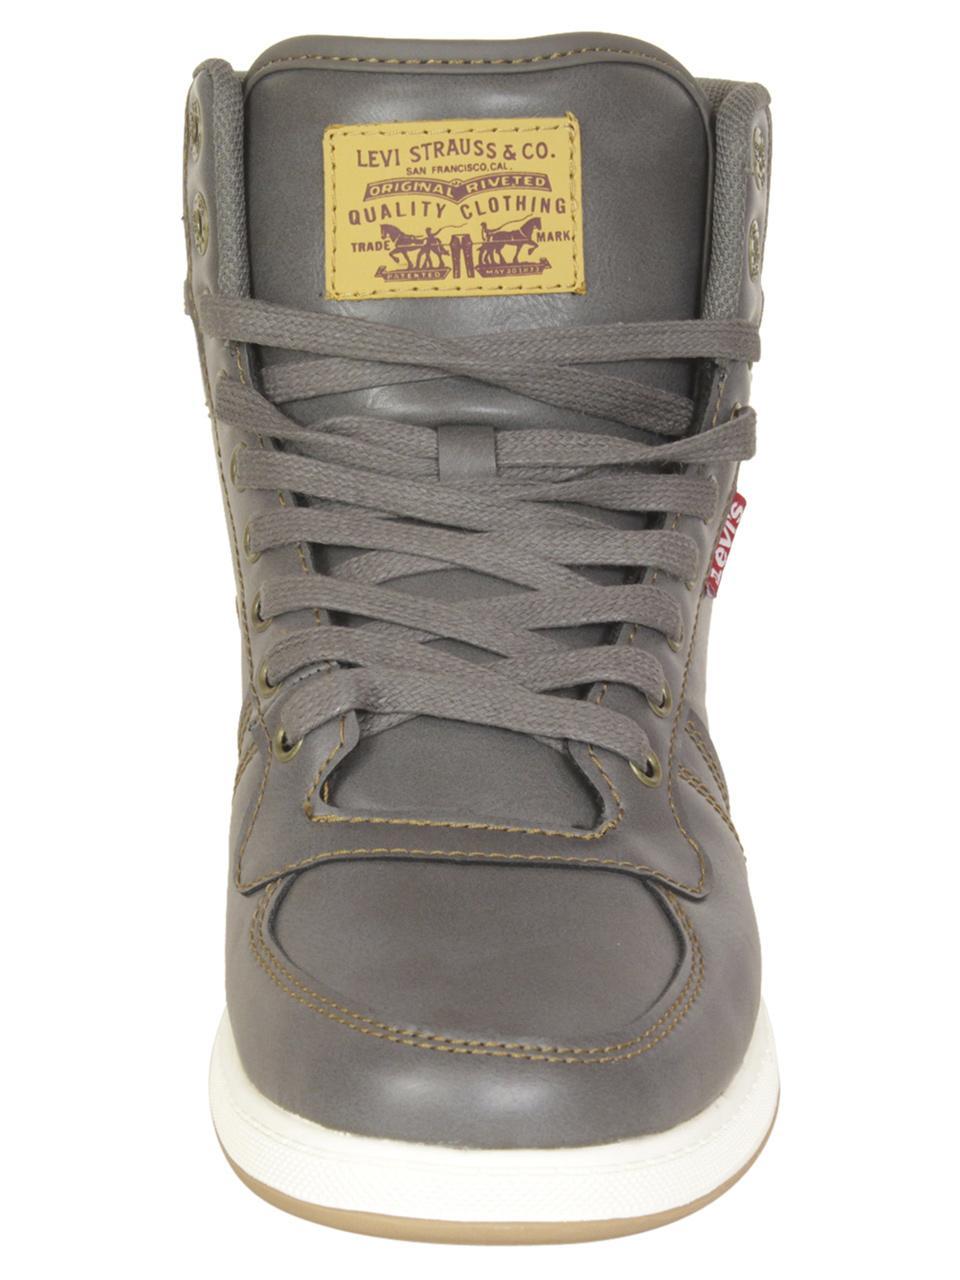 Stanton-Burnish-BT Levis Sneakers Shoes